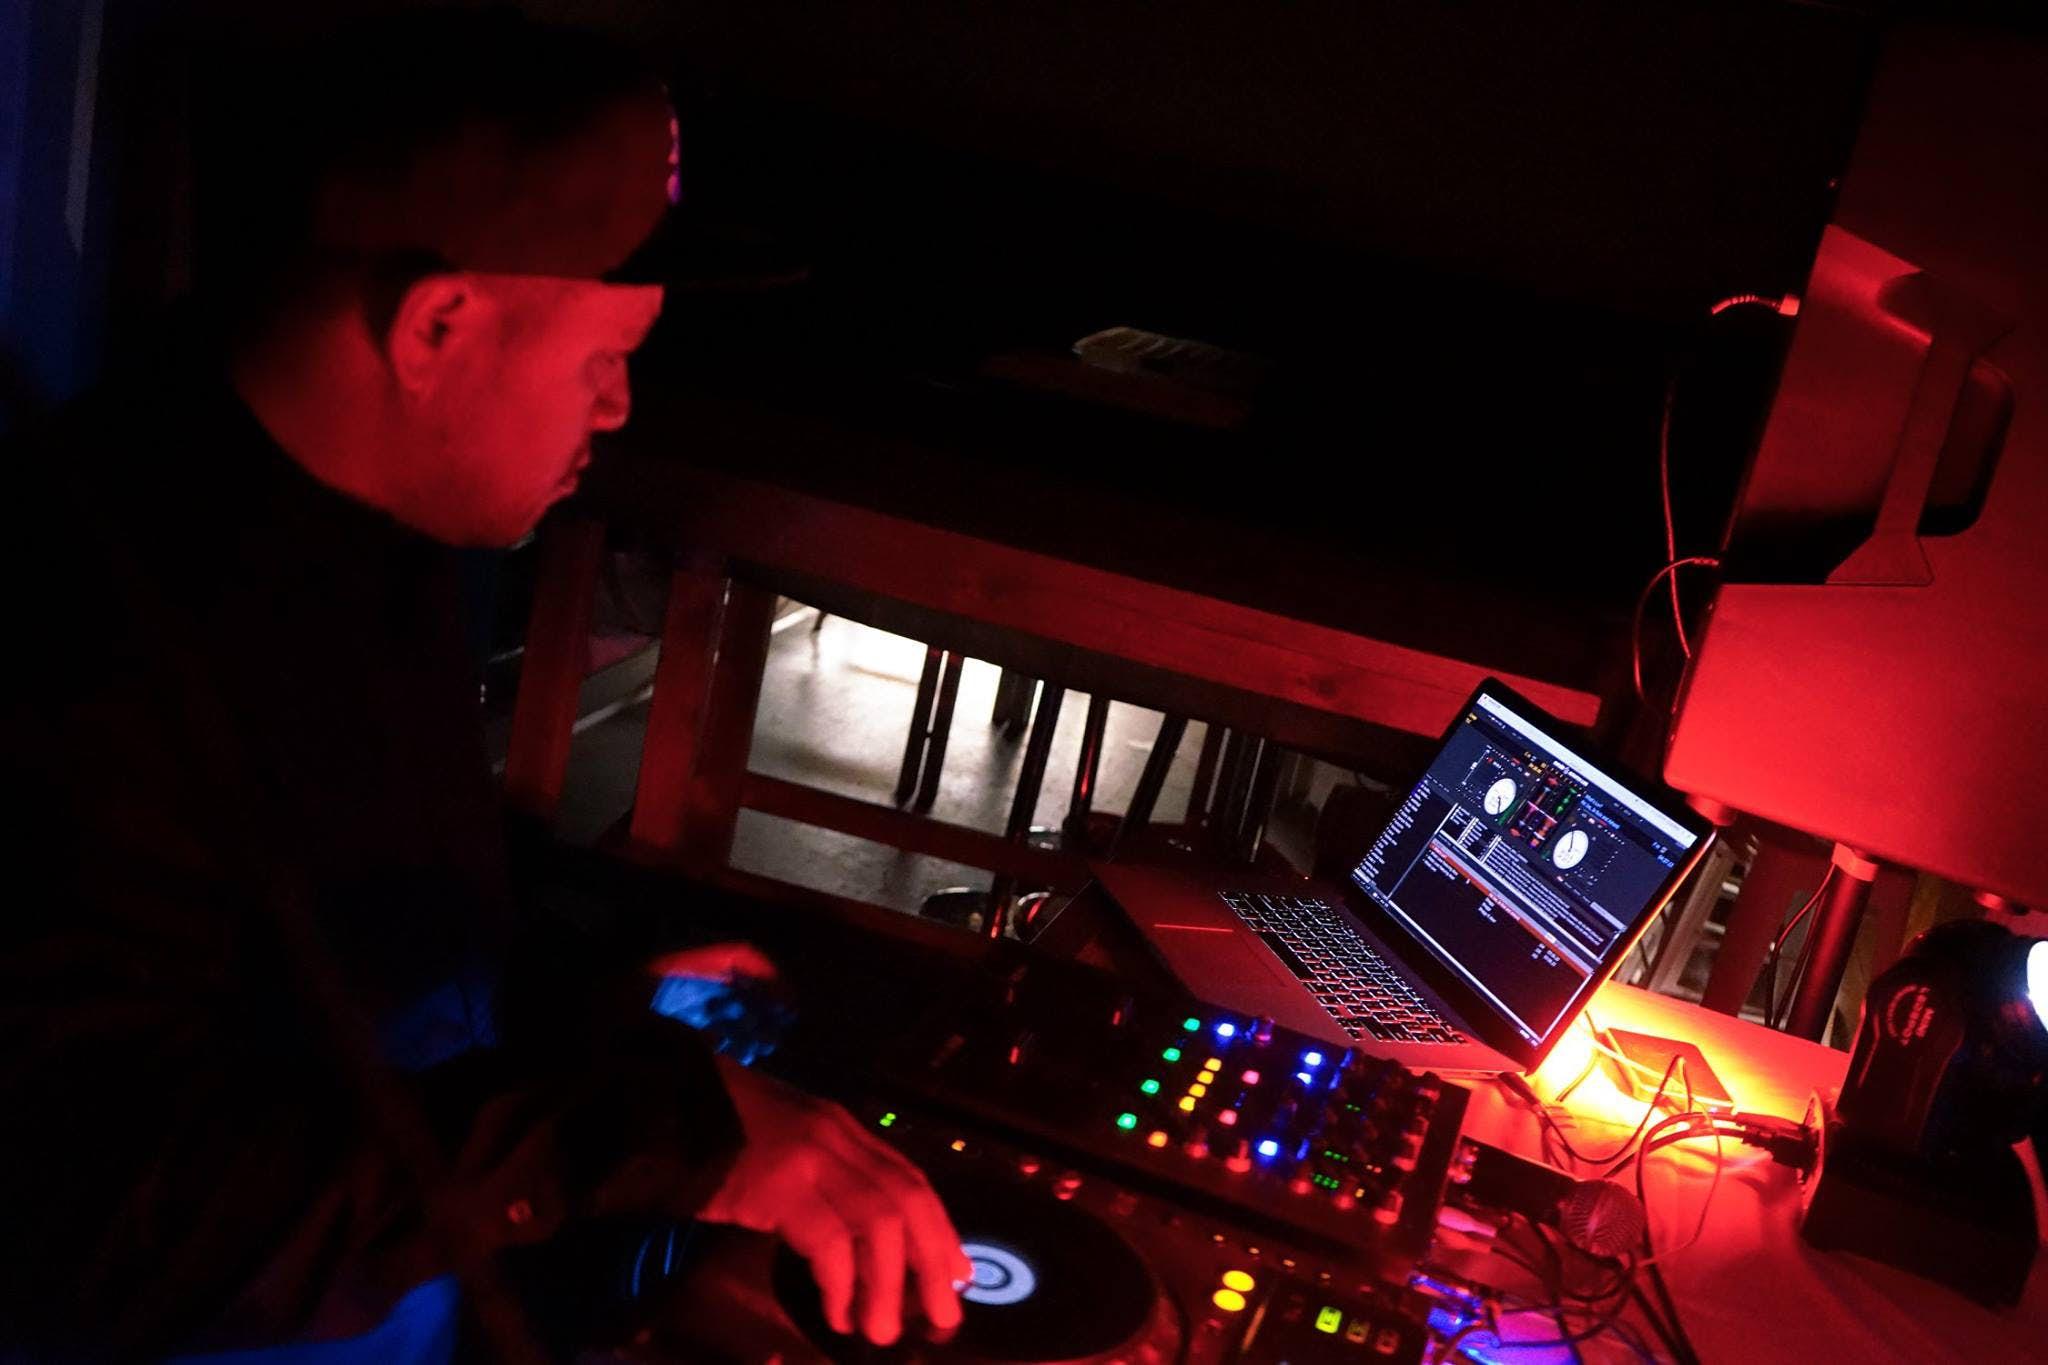 现在DJ在Base陶波背包客旅馆的element bar